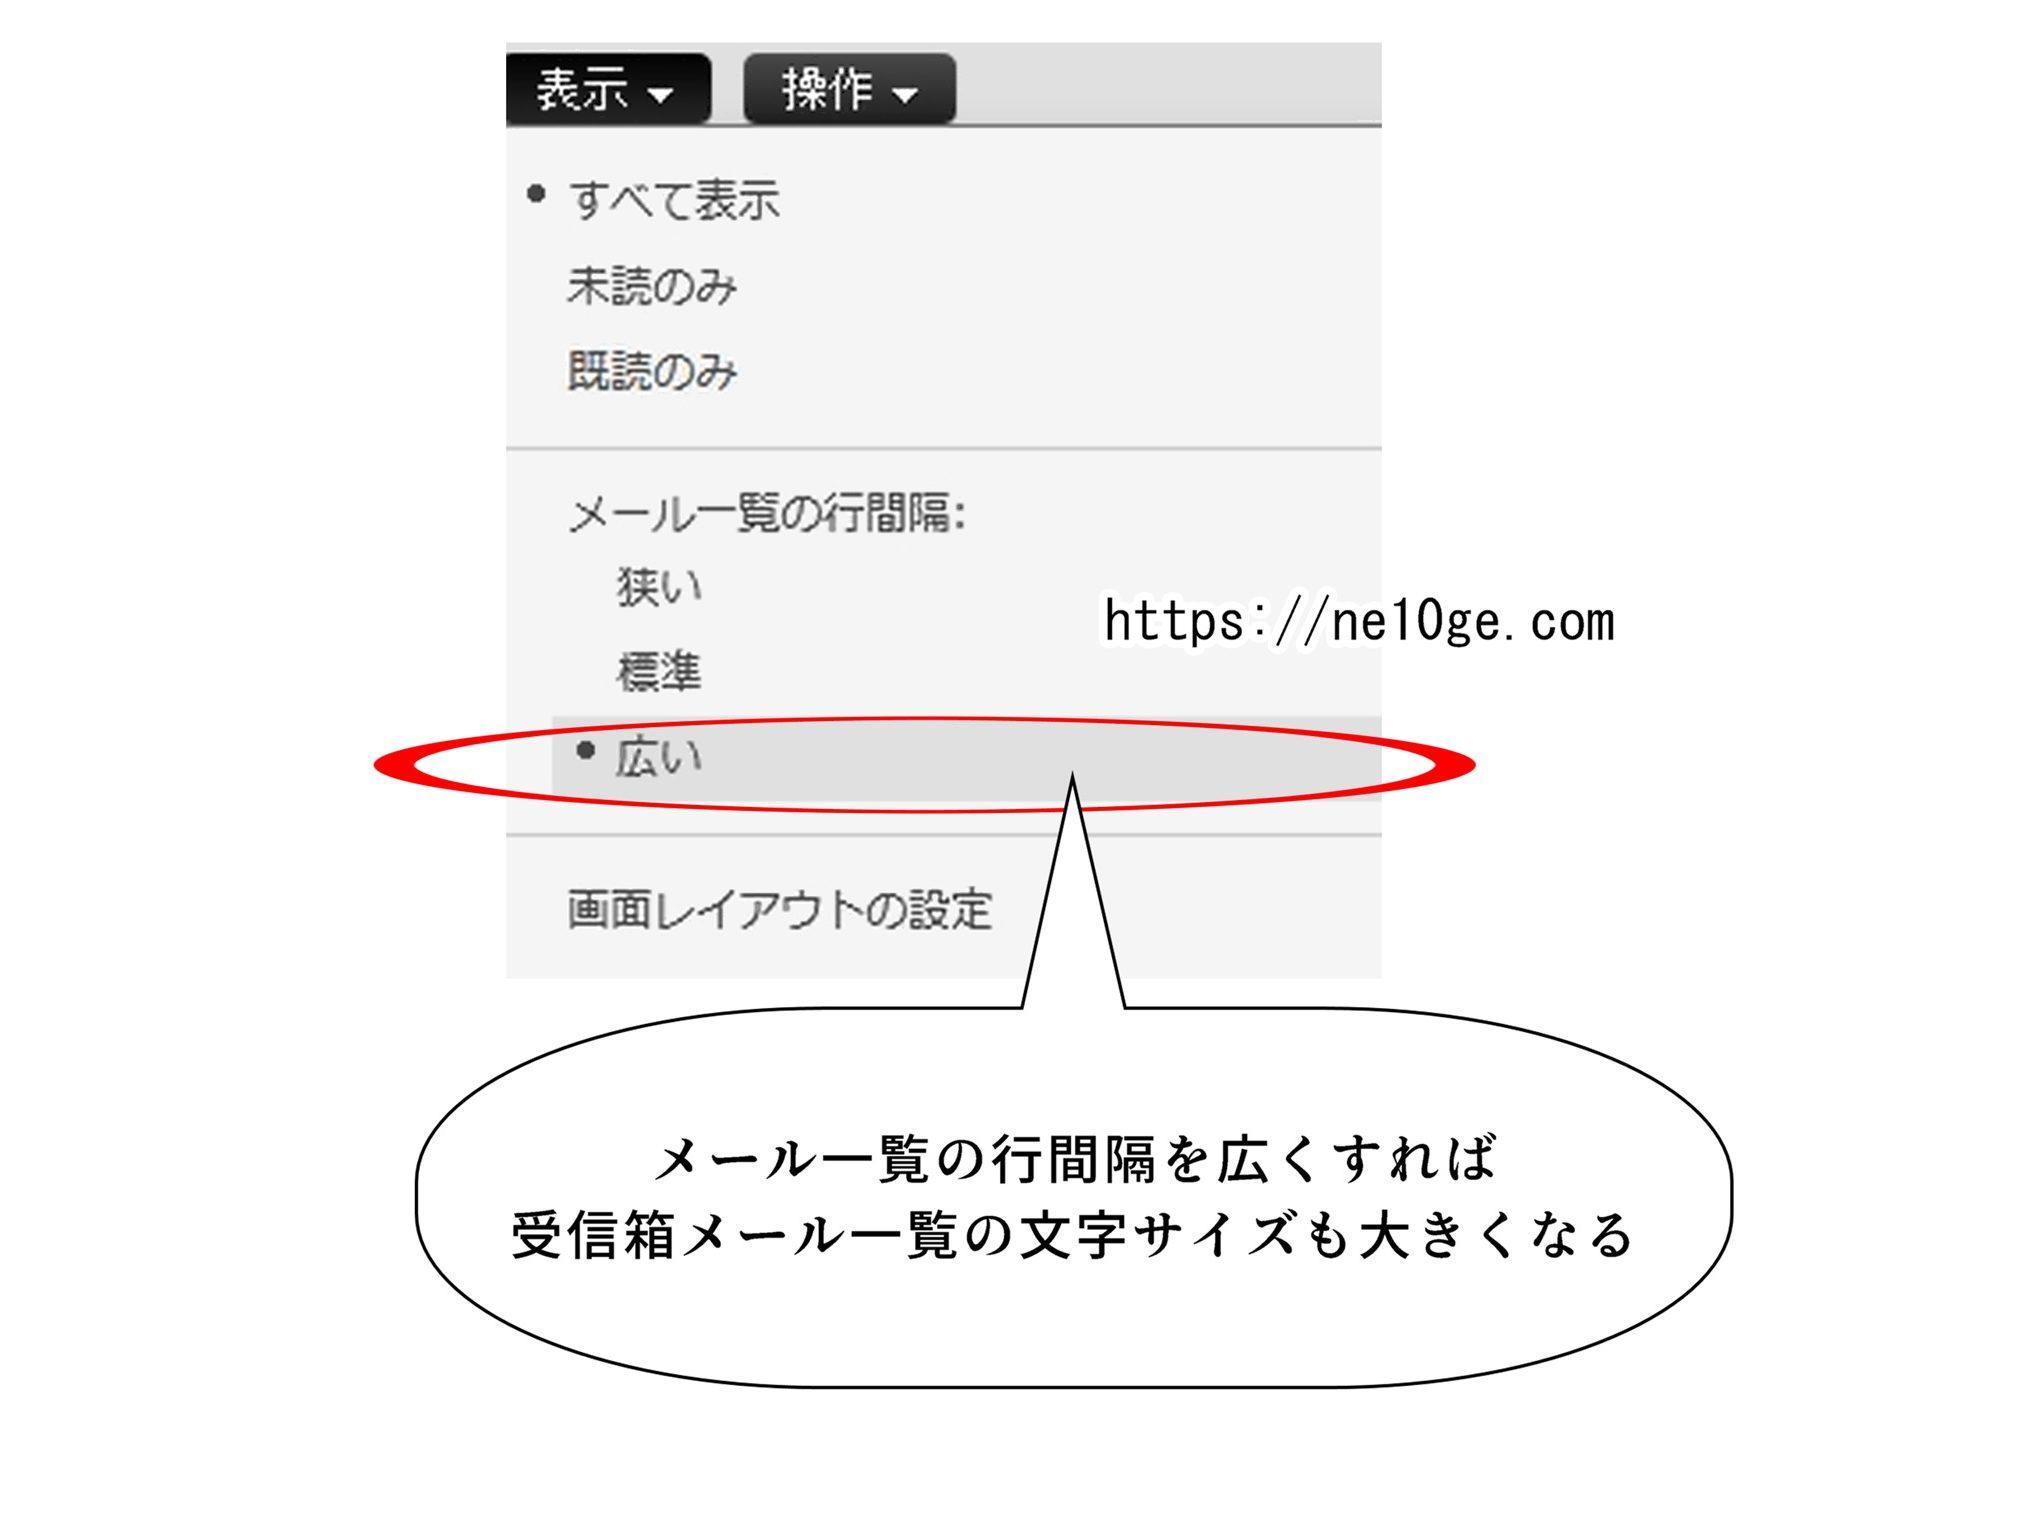 ヤフーメールで受信箱のメール一覧に表示される文字が小さくなってしまった時に直す、元に戻す、大きい文字で表示されるようにするYahoo!メールの設定方法